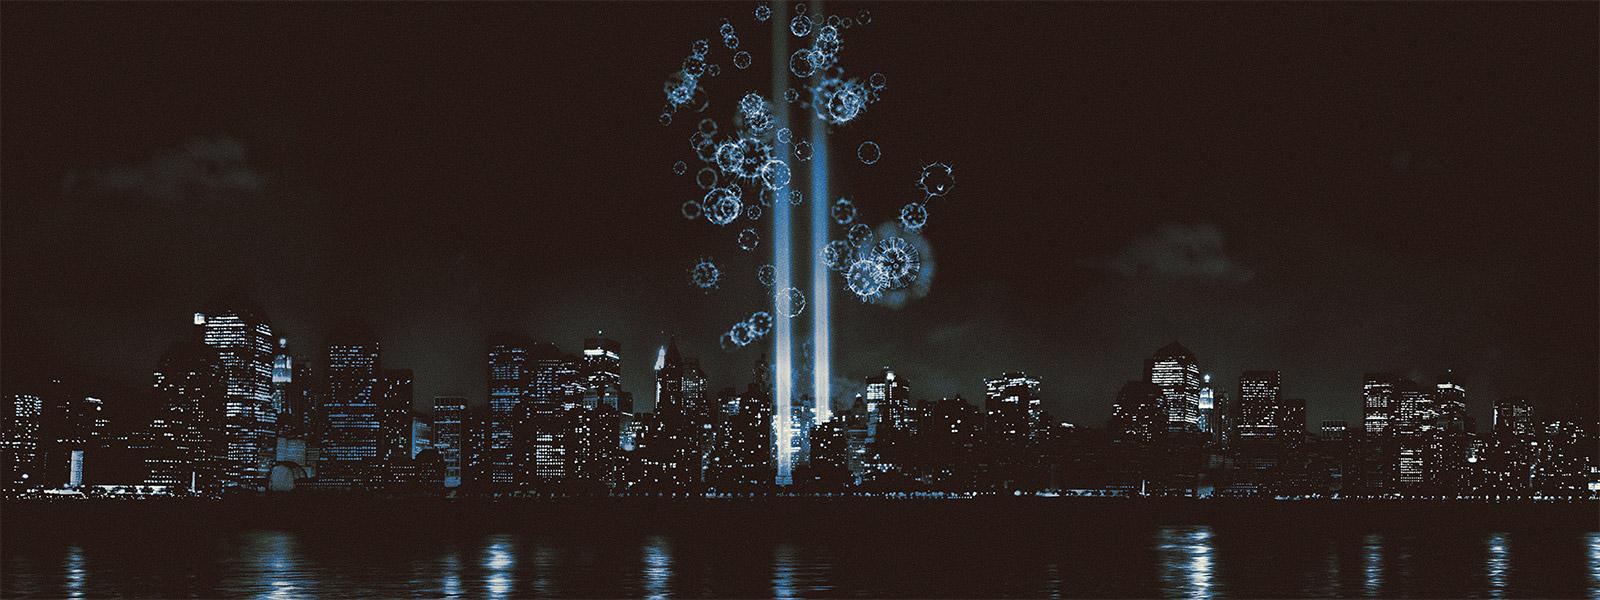 NYC Epicenters 9/11: dokumentär om 11 september